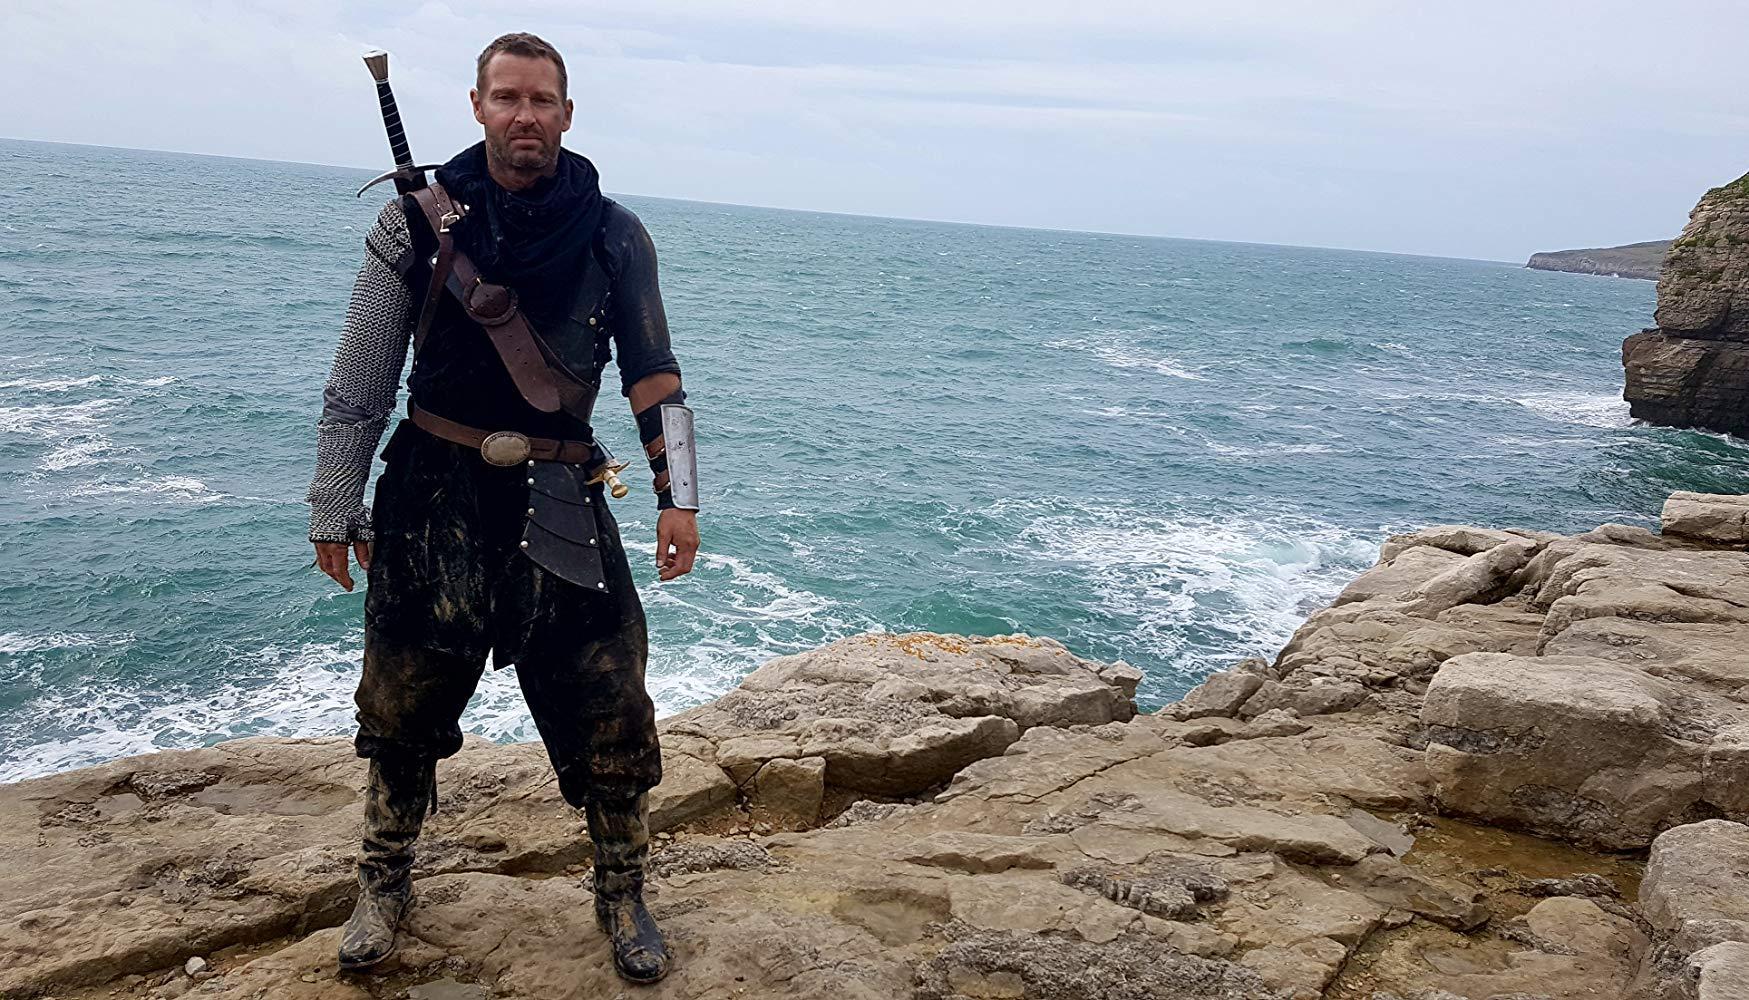 مشاهدة فيلم Knights of the Damned 2017 HD مترجم كامل اون لاين